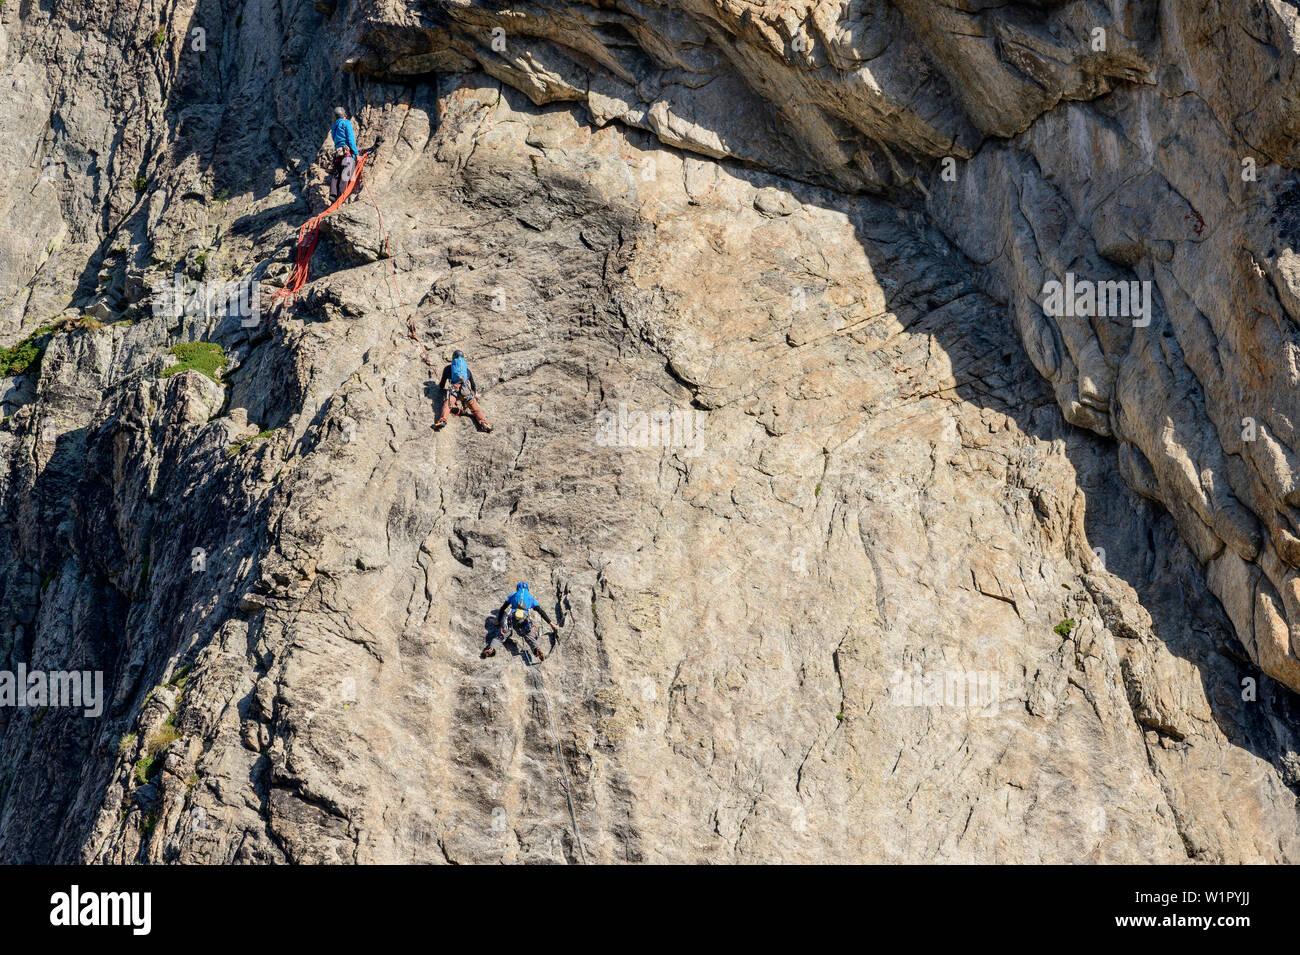 Three persons climbing at Aiguille Dibona, hut Refuge du Soreiller, Ecrins, National Park Ecrins, Dauphine, Dauphiné, Hautes Alpes, France - Stock Image